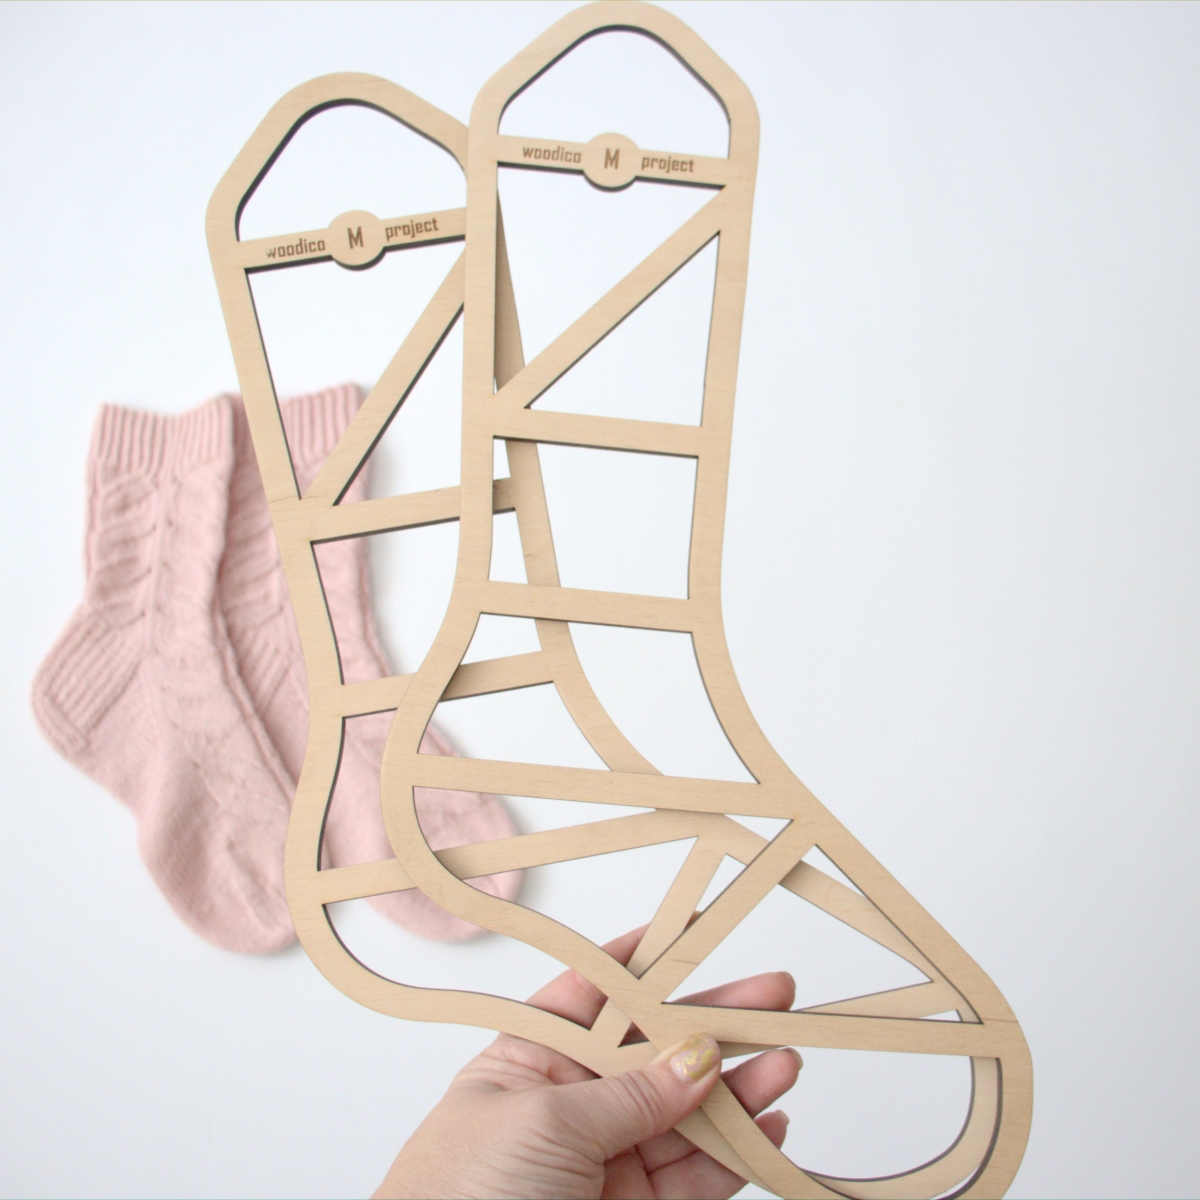 woodico.pro wooden sock blockers zen 12 1200x1200 - Wooden sock blockers / Zen